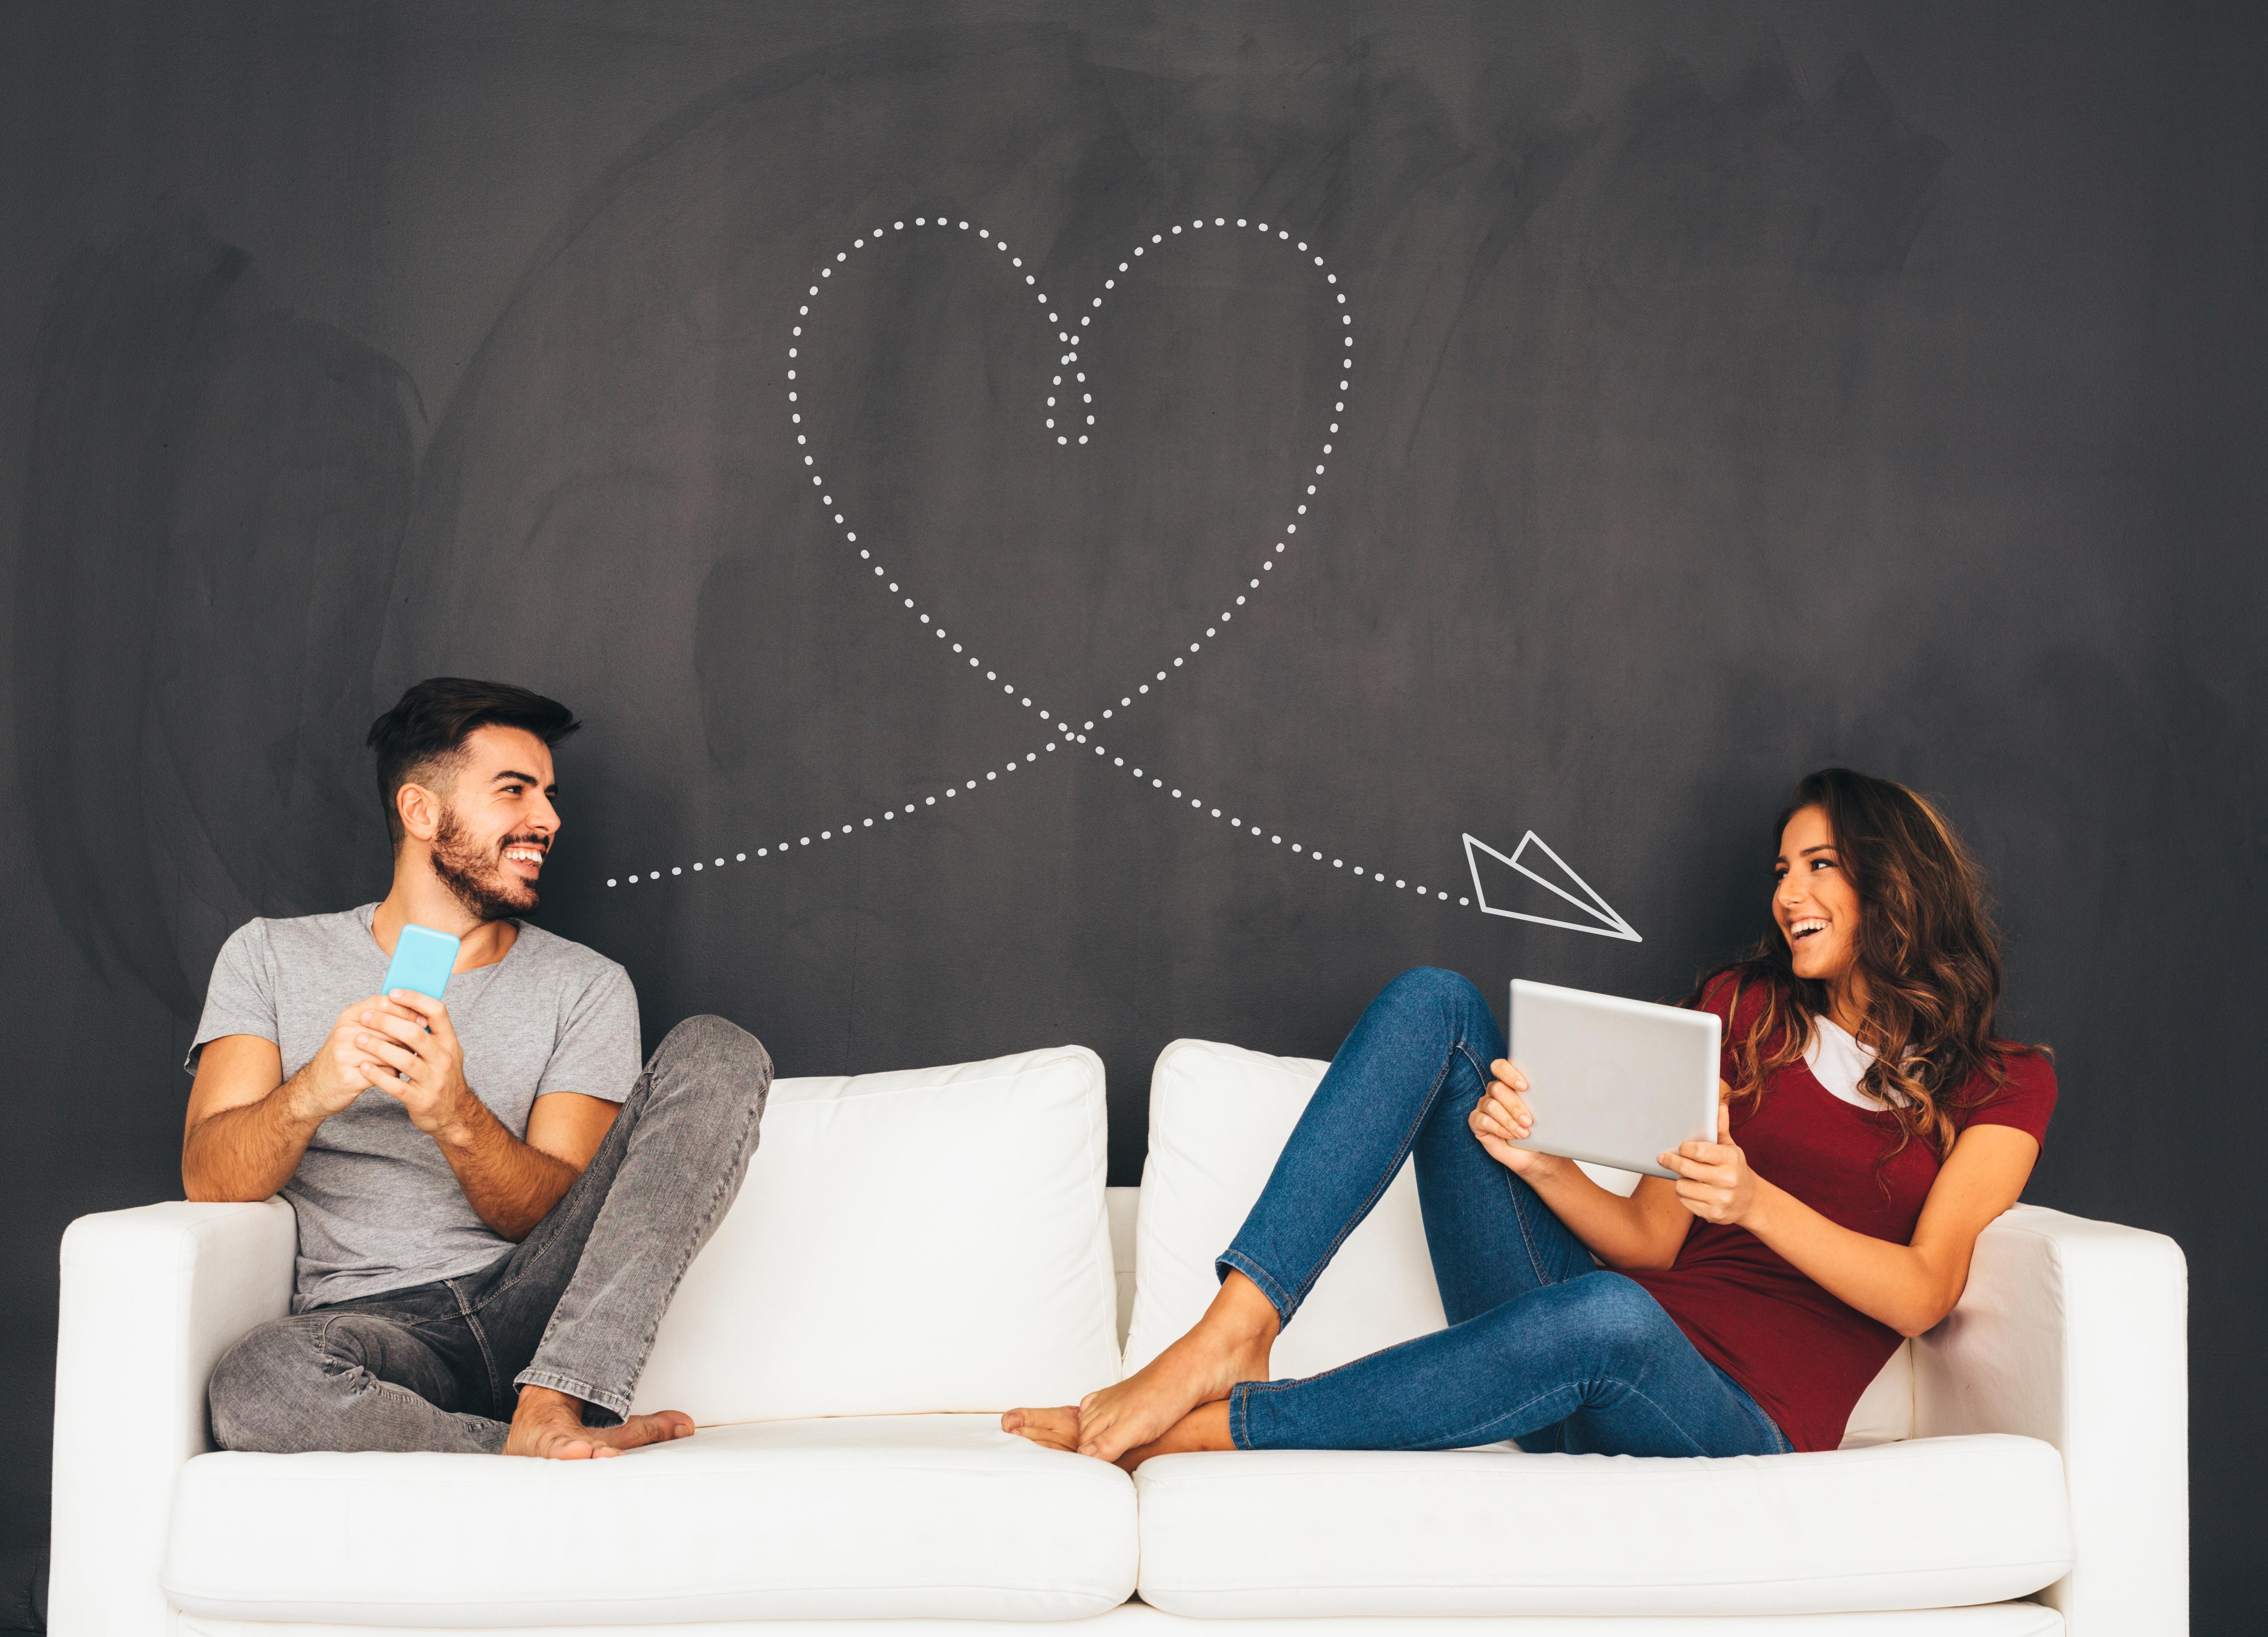 Die besten gratis dating seiten